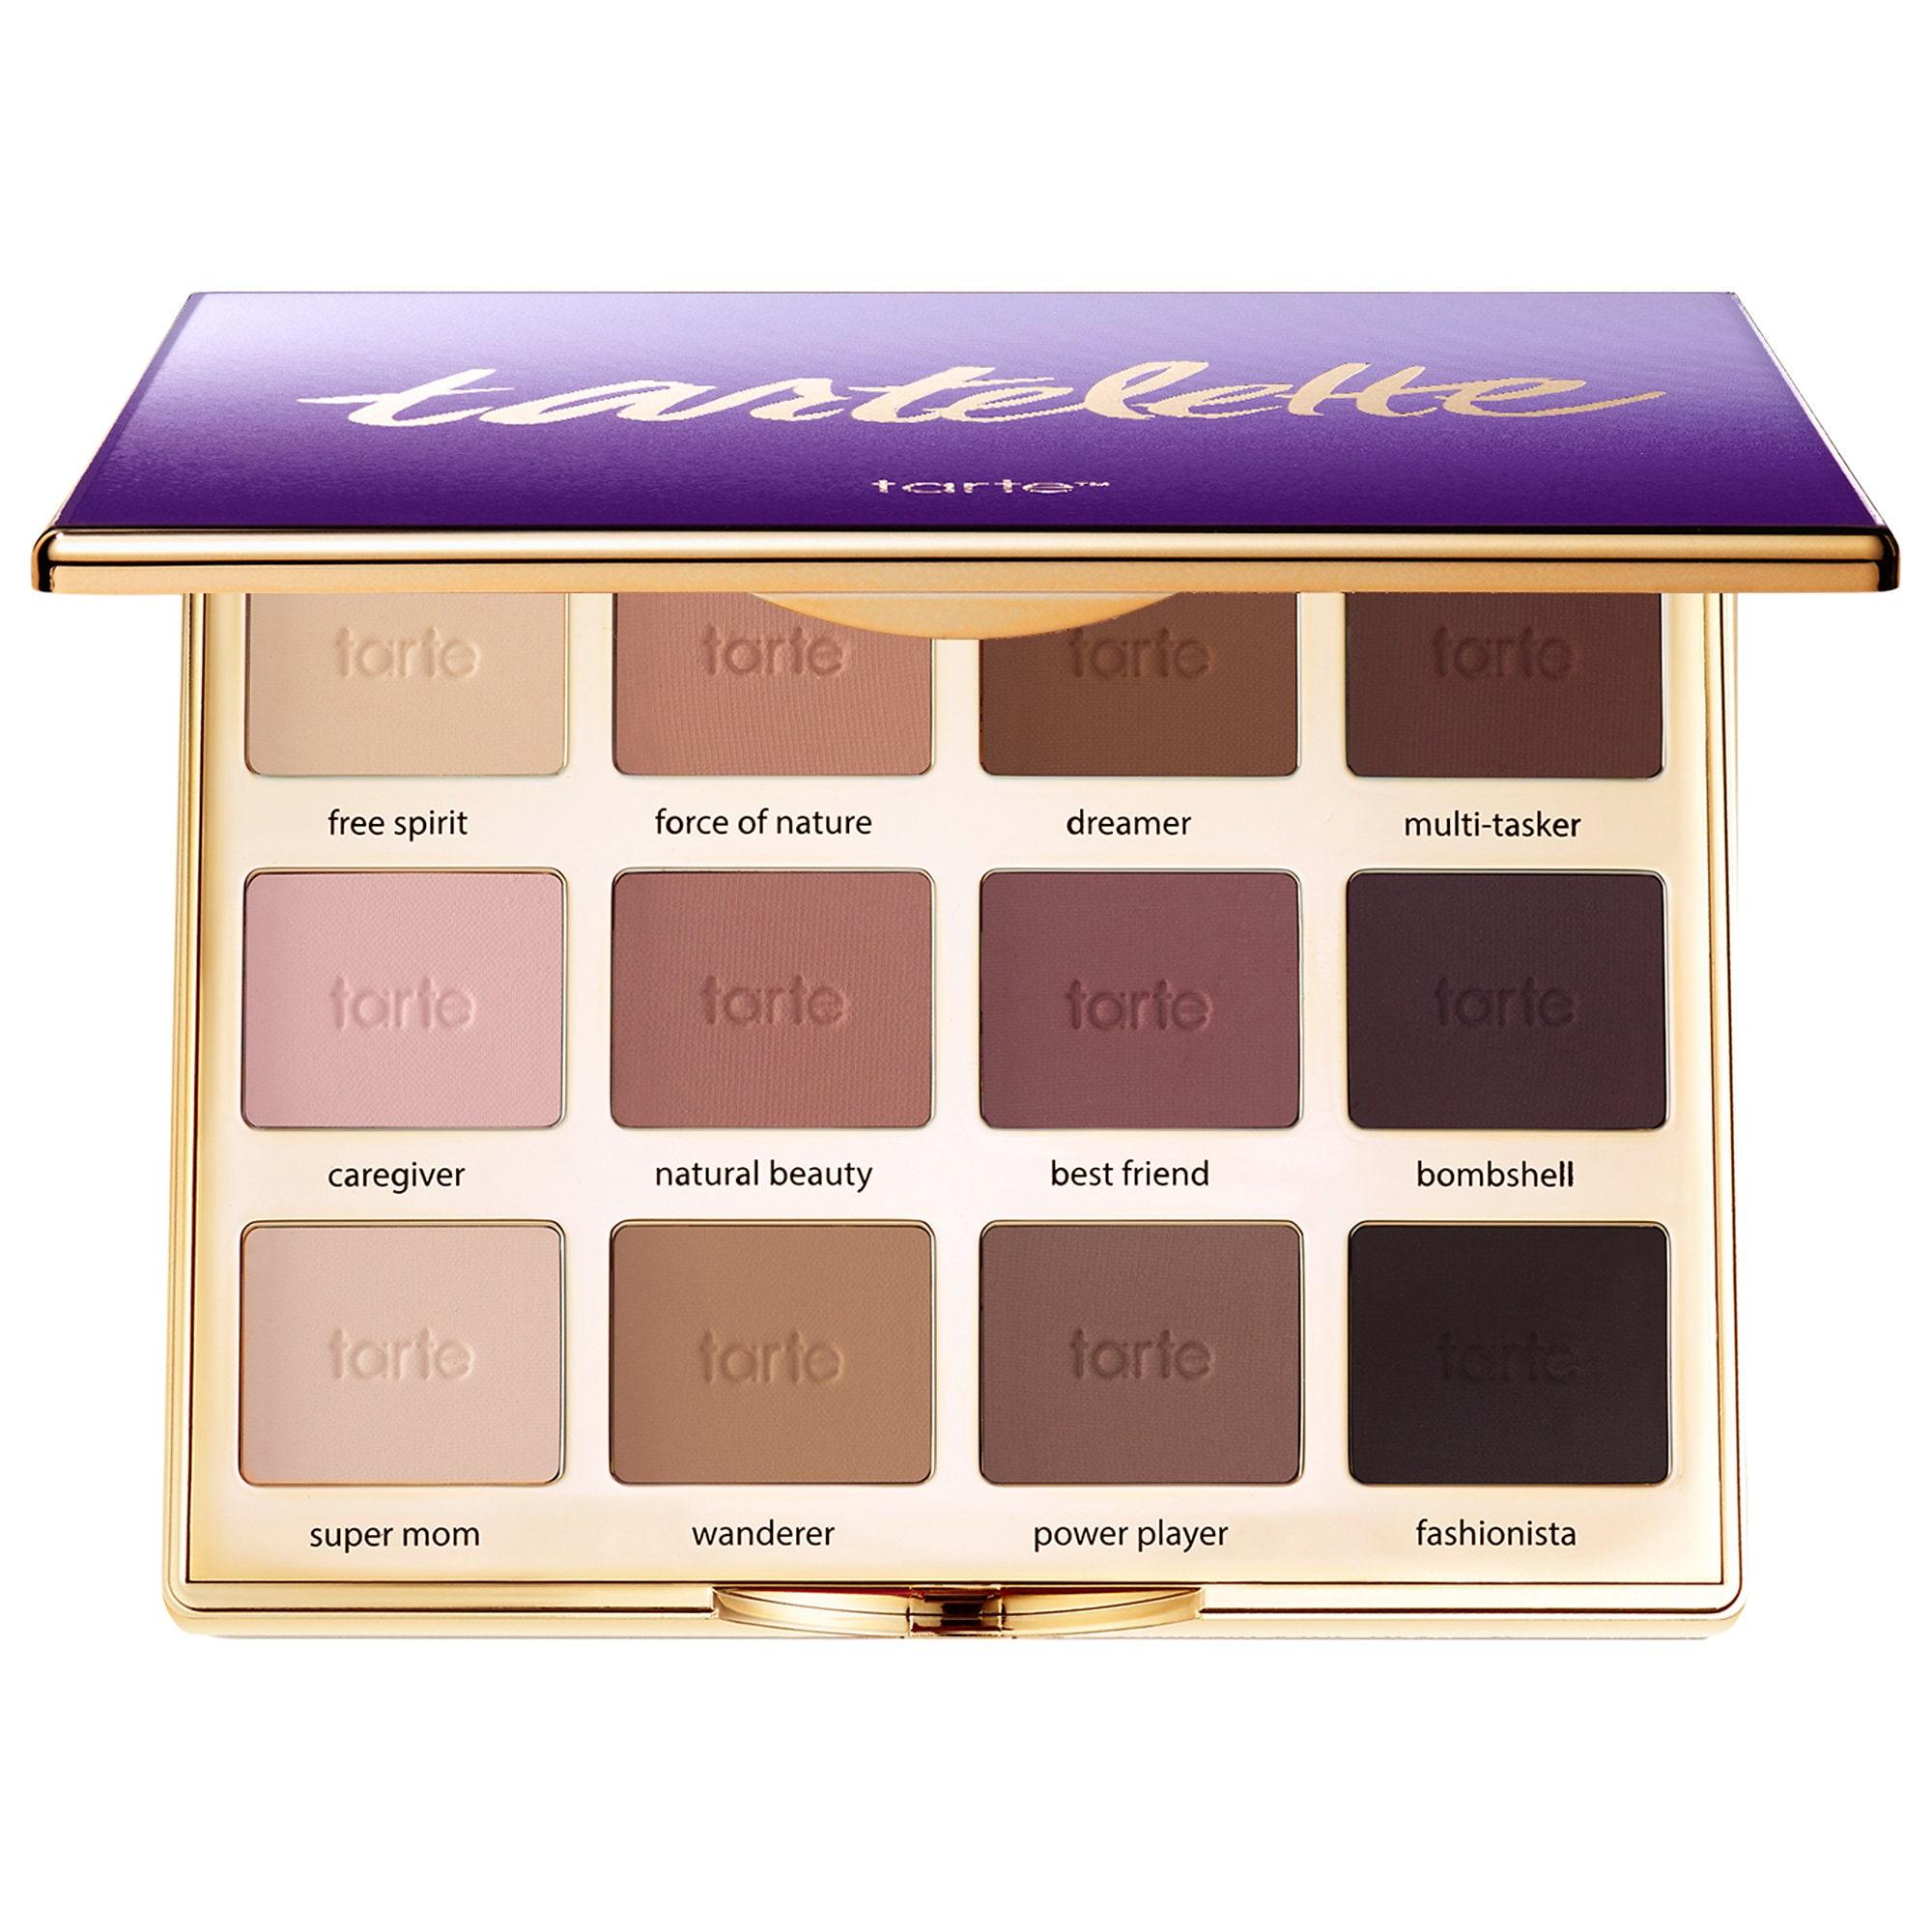 Tarte - Tartelette™ Amazonian Clay Matte Eyeshadow Palette